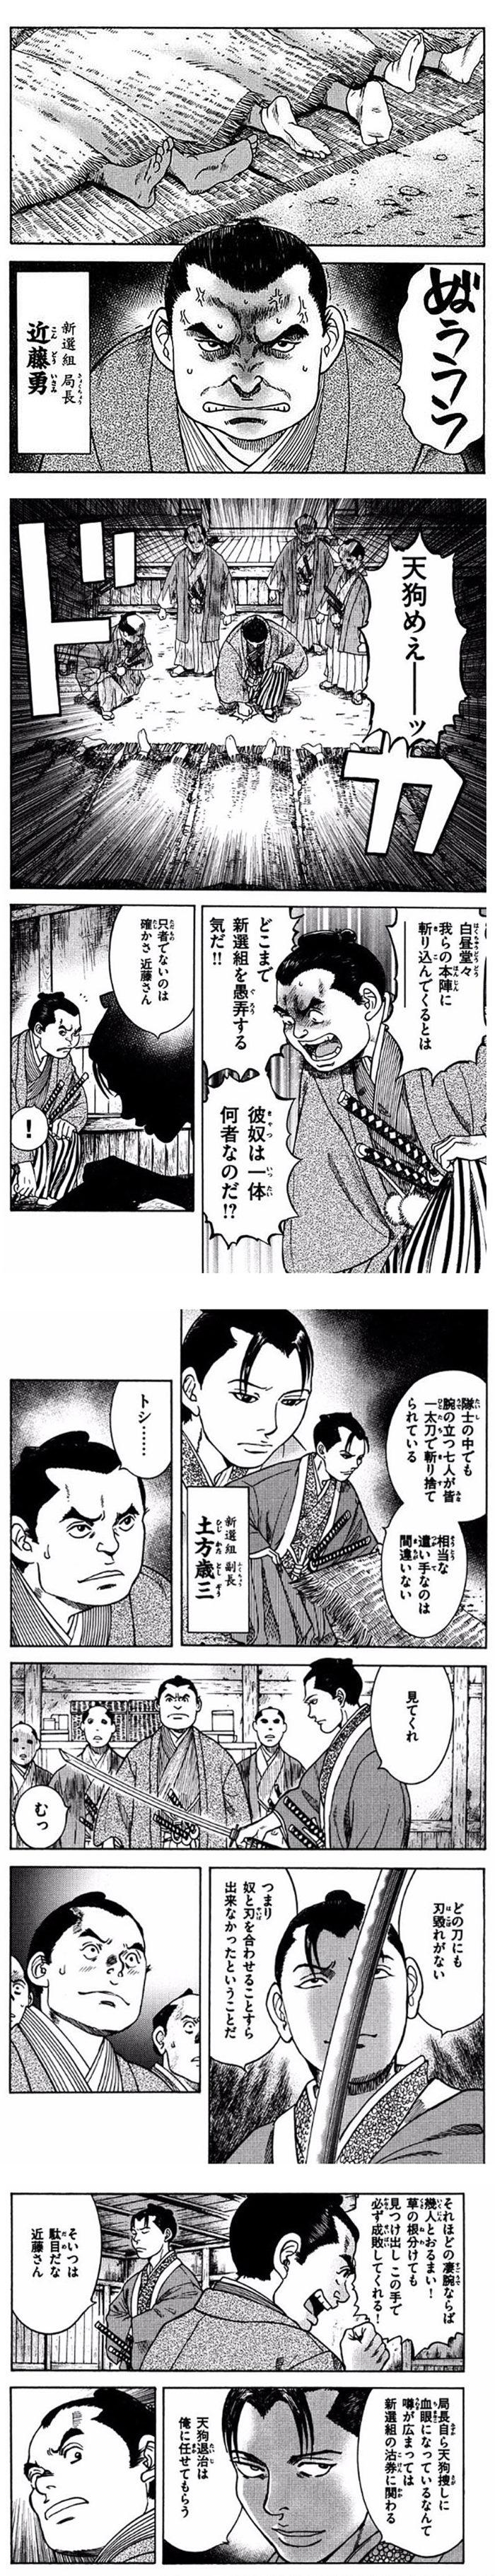 kurama-02-01